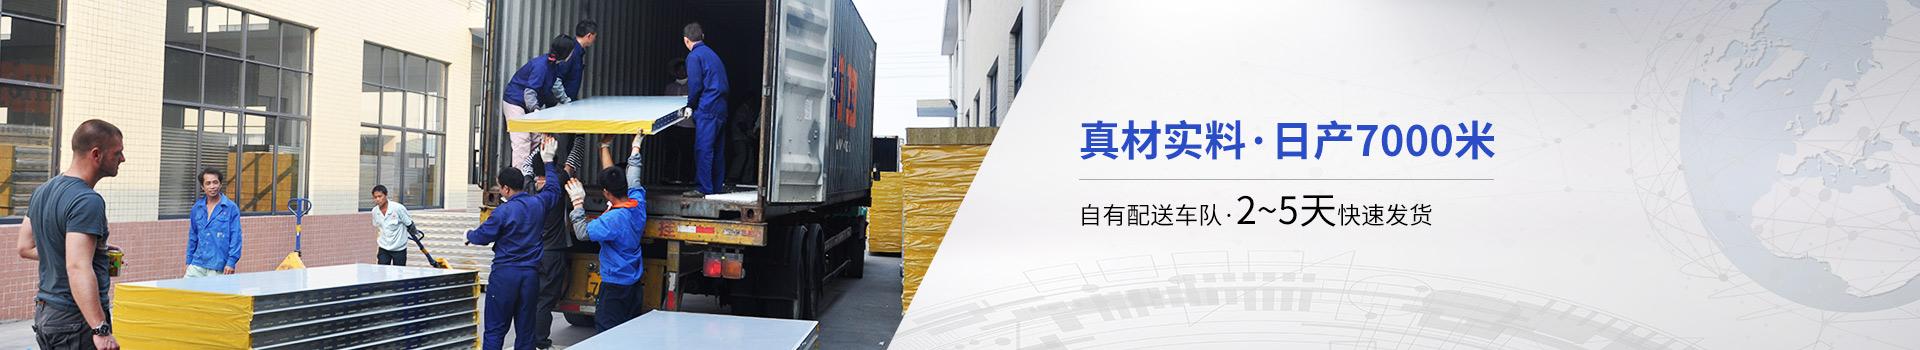 联合冠业钢结构彩钢板-真材实料 日产7000米